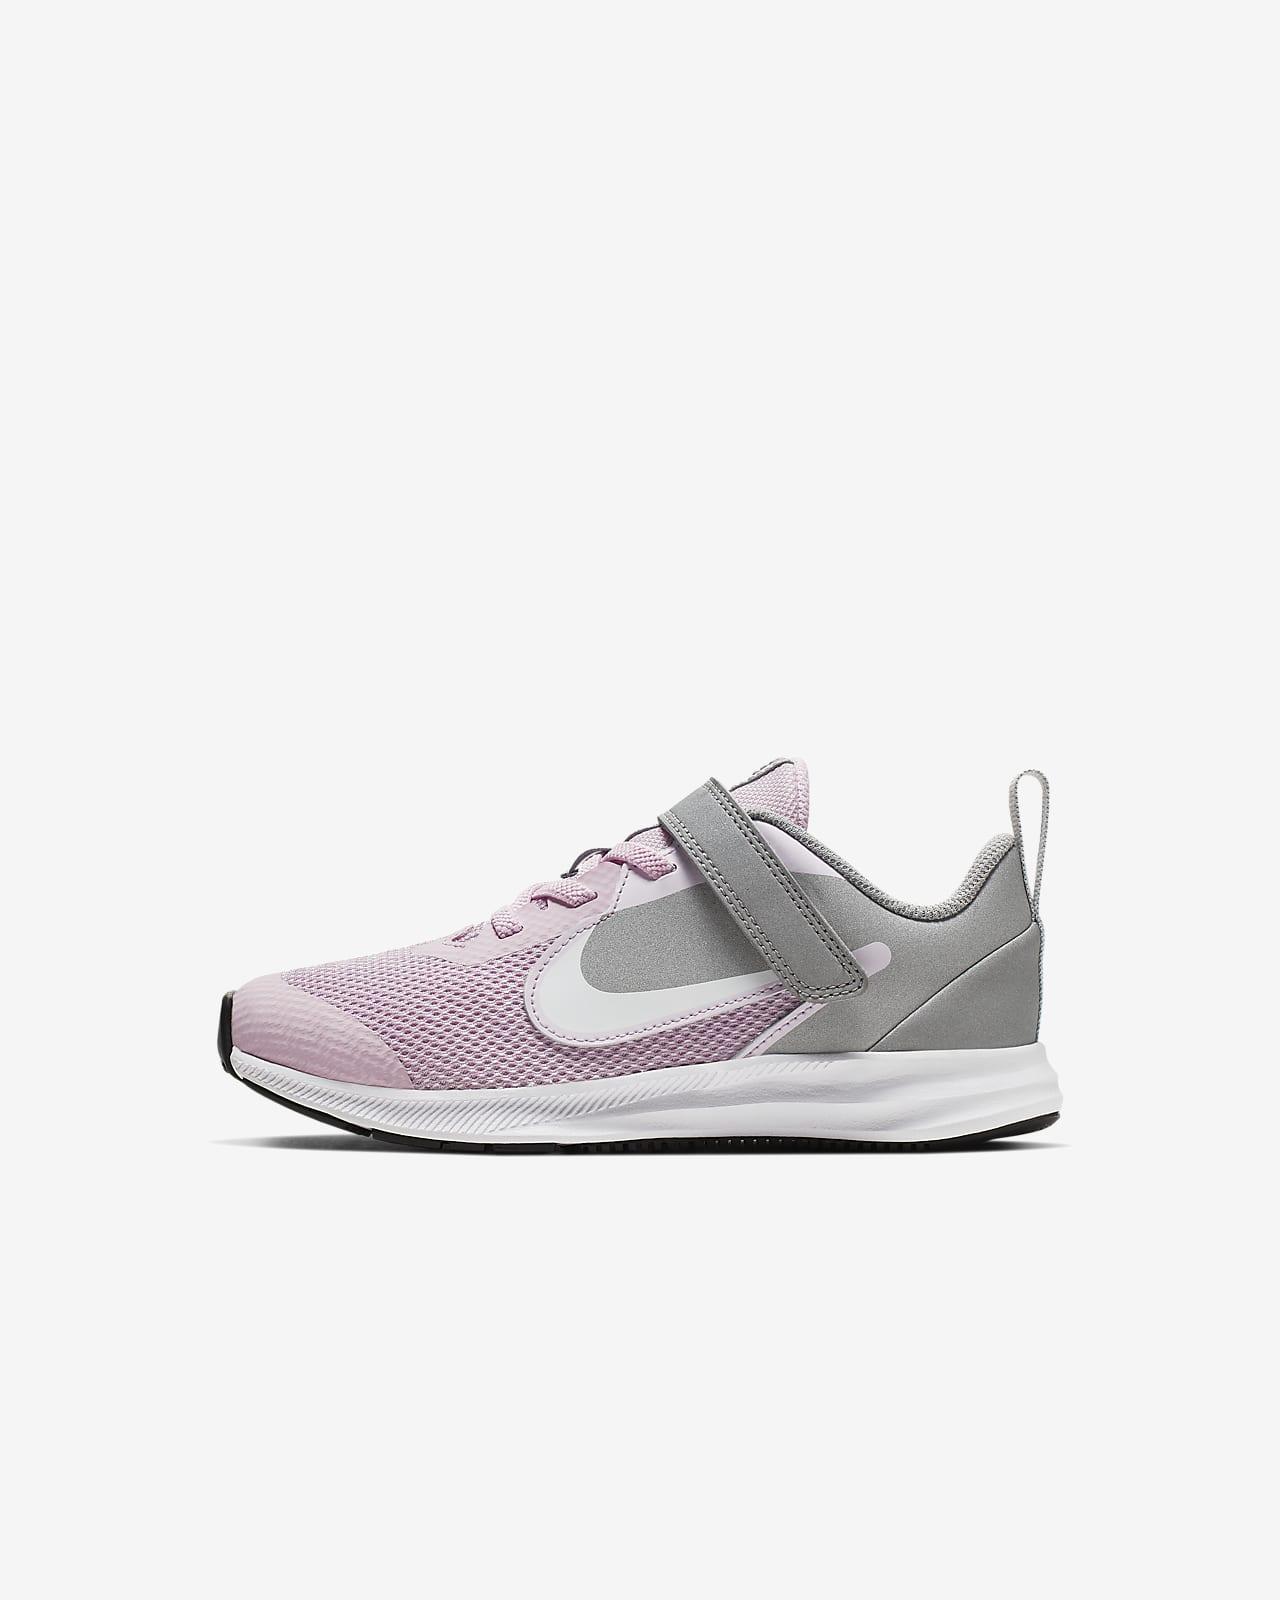 Nike Downshifter 9 Little Kids' Shoe